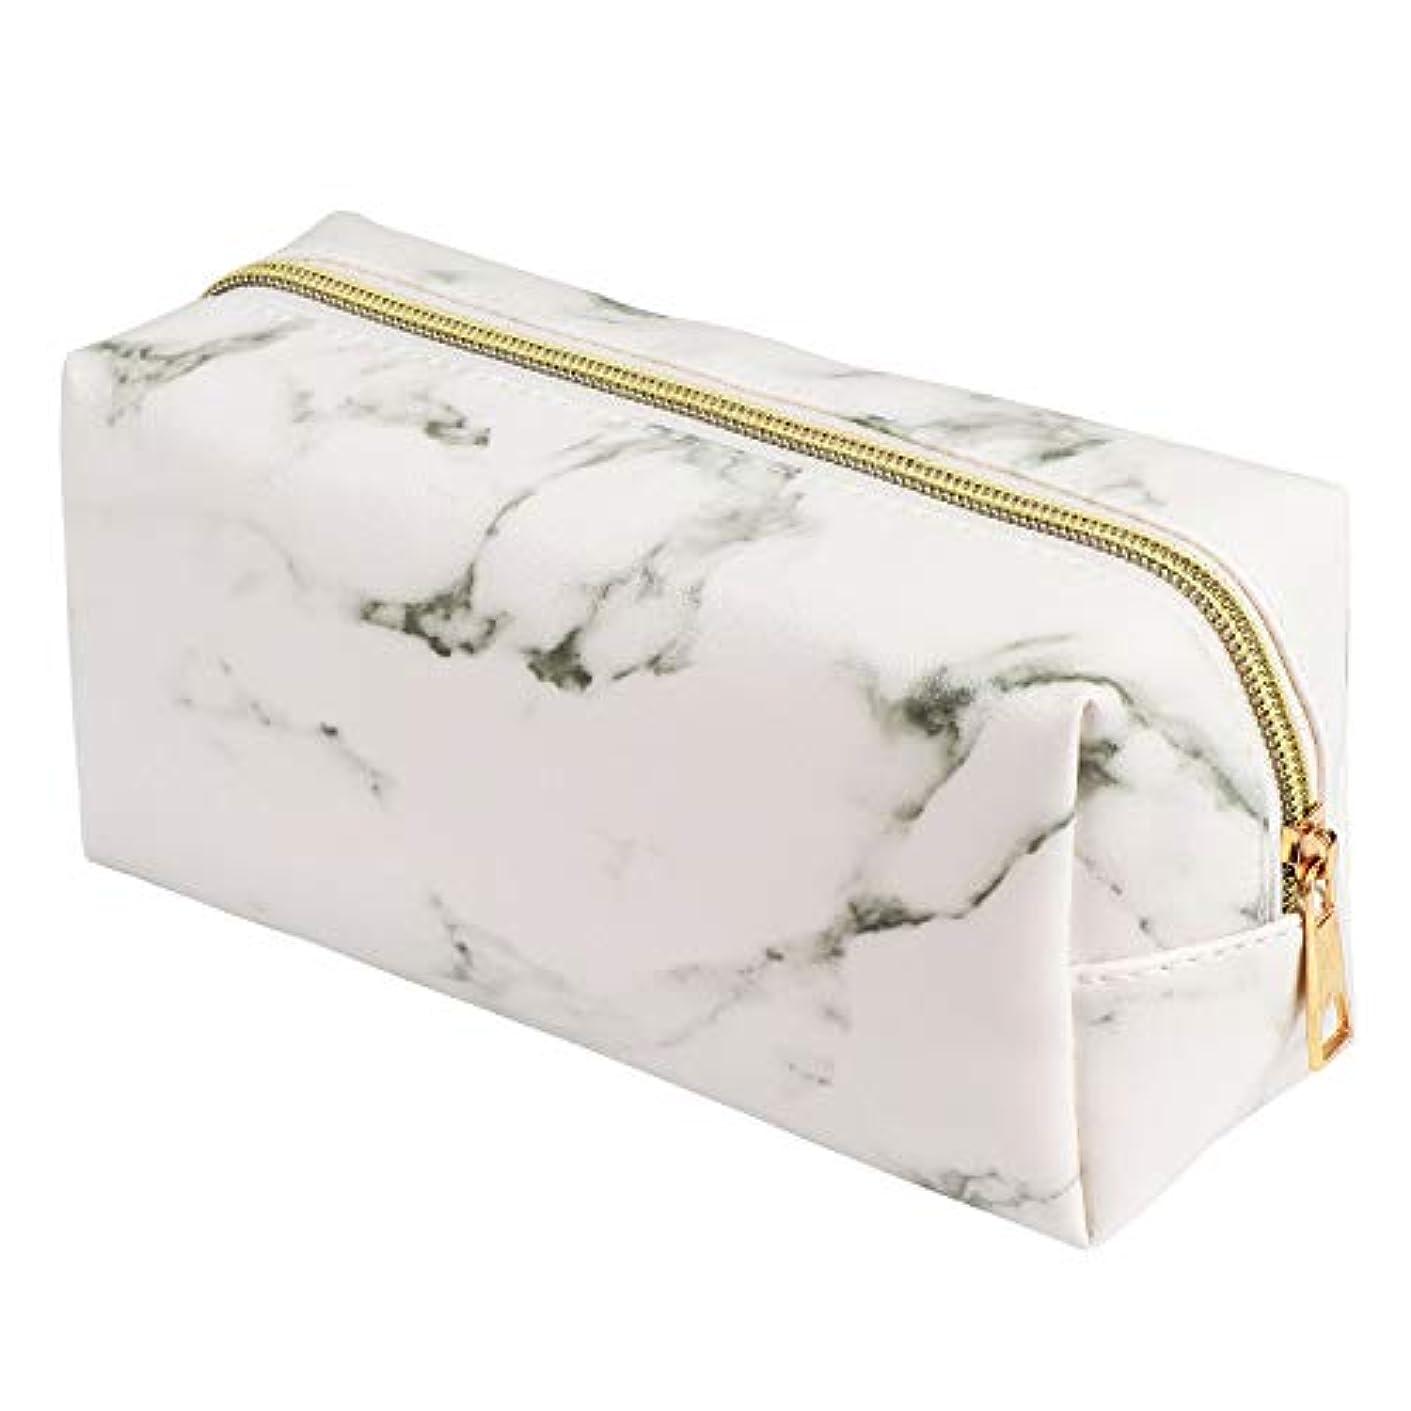 袋神秘的な設置AIFHI 化粧ポーチ コスメポーチ メイクポーチ 大理石柄 プロ用 コスメ収納 化粧 バッグ 化粧道具 小物入れ トラベルバッグ ホワイト